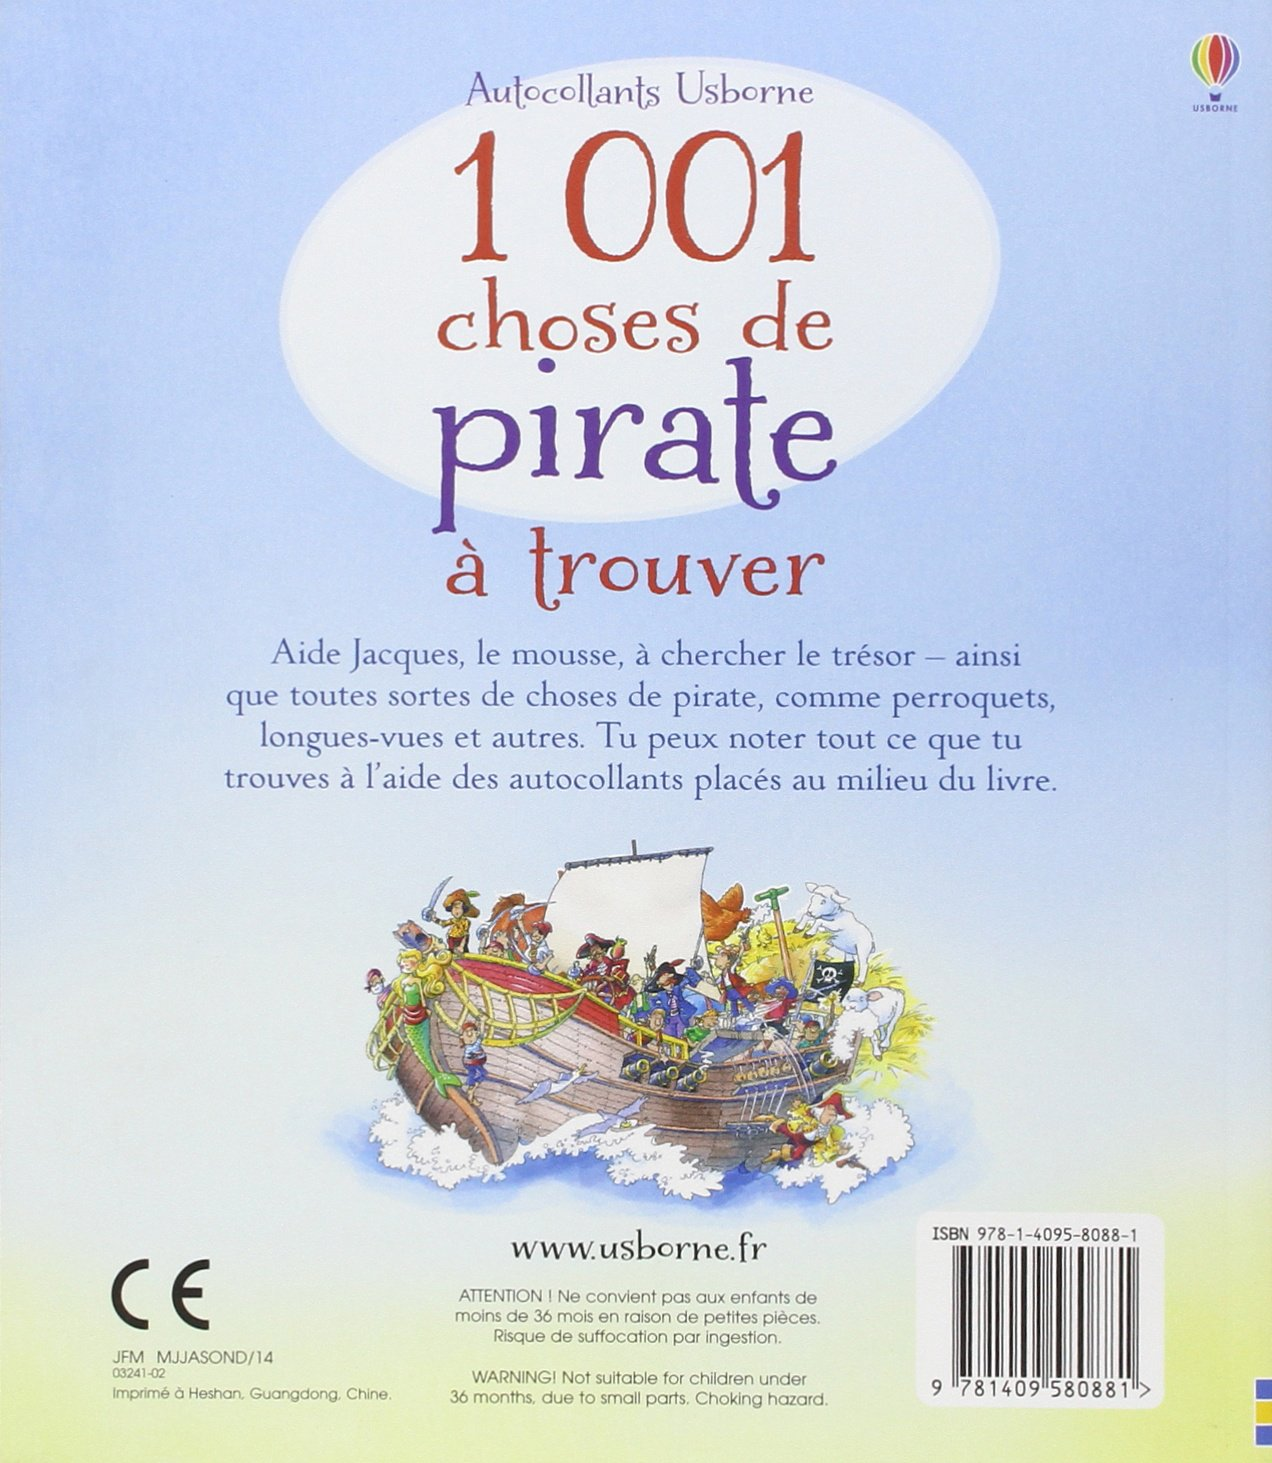 1001 choses de pirate à trouver - Autocollants Usborne: Amazon.fr: Rob  llyod Jones, Teri Gower, Michelle Lawrence, Stephanie Serazin: Livres